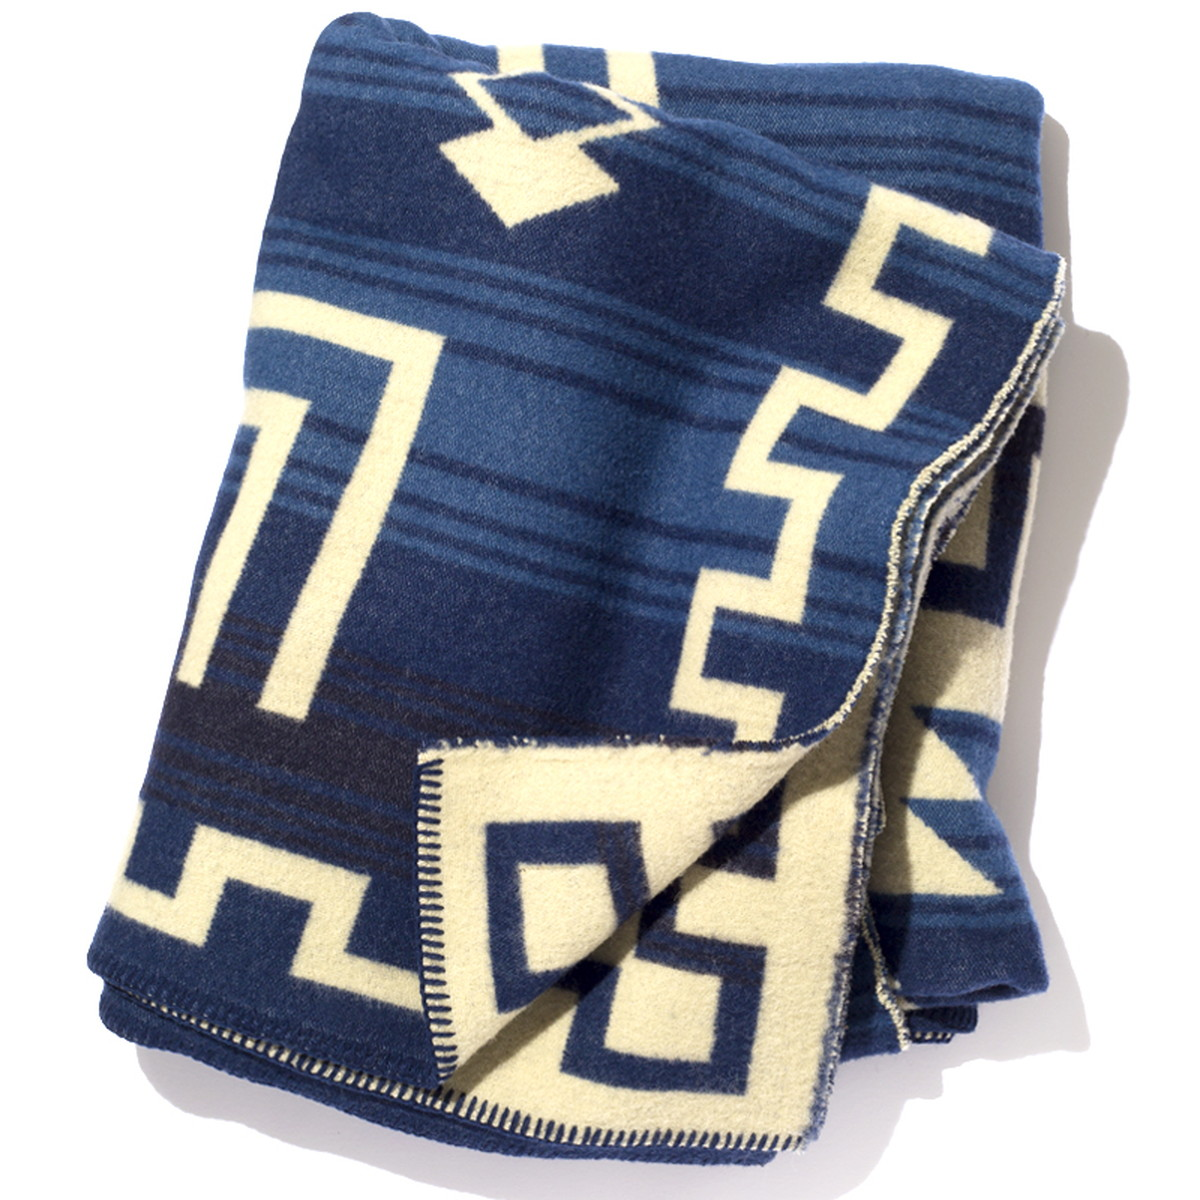 BasShu バッシュ ブランケット IZM woolen mills Blanket / Jacquard BL